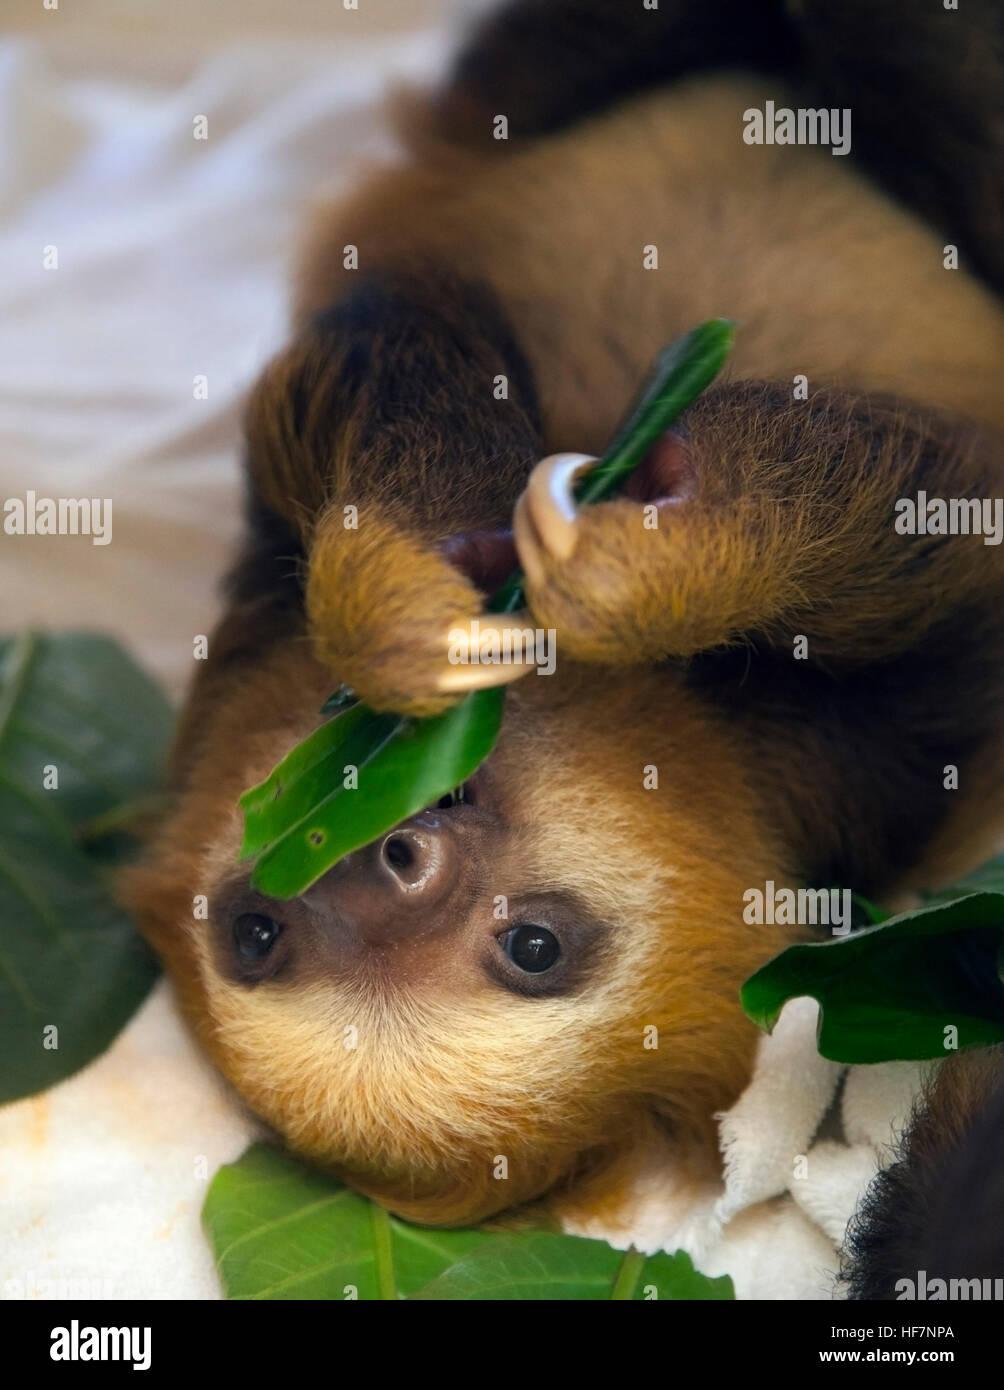 Bambino orfano Hoffmann per le due dita bradipo (Choloepus hoffmanni) alimentazione su foglie presso il bradipo Immagini Stock